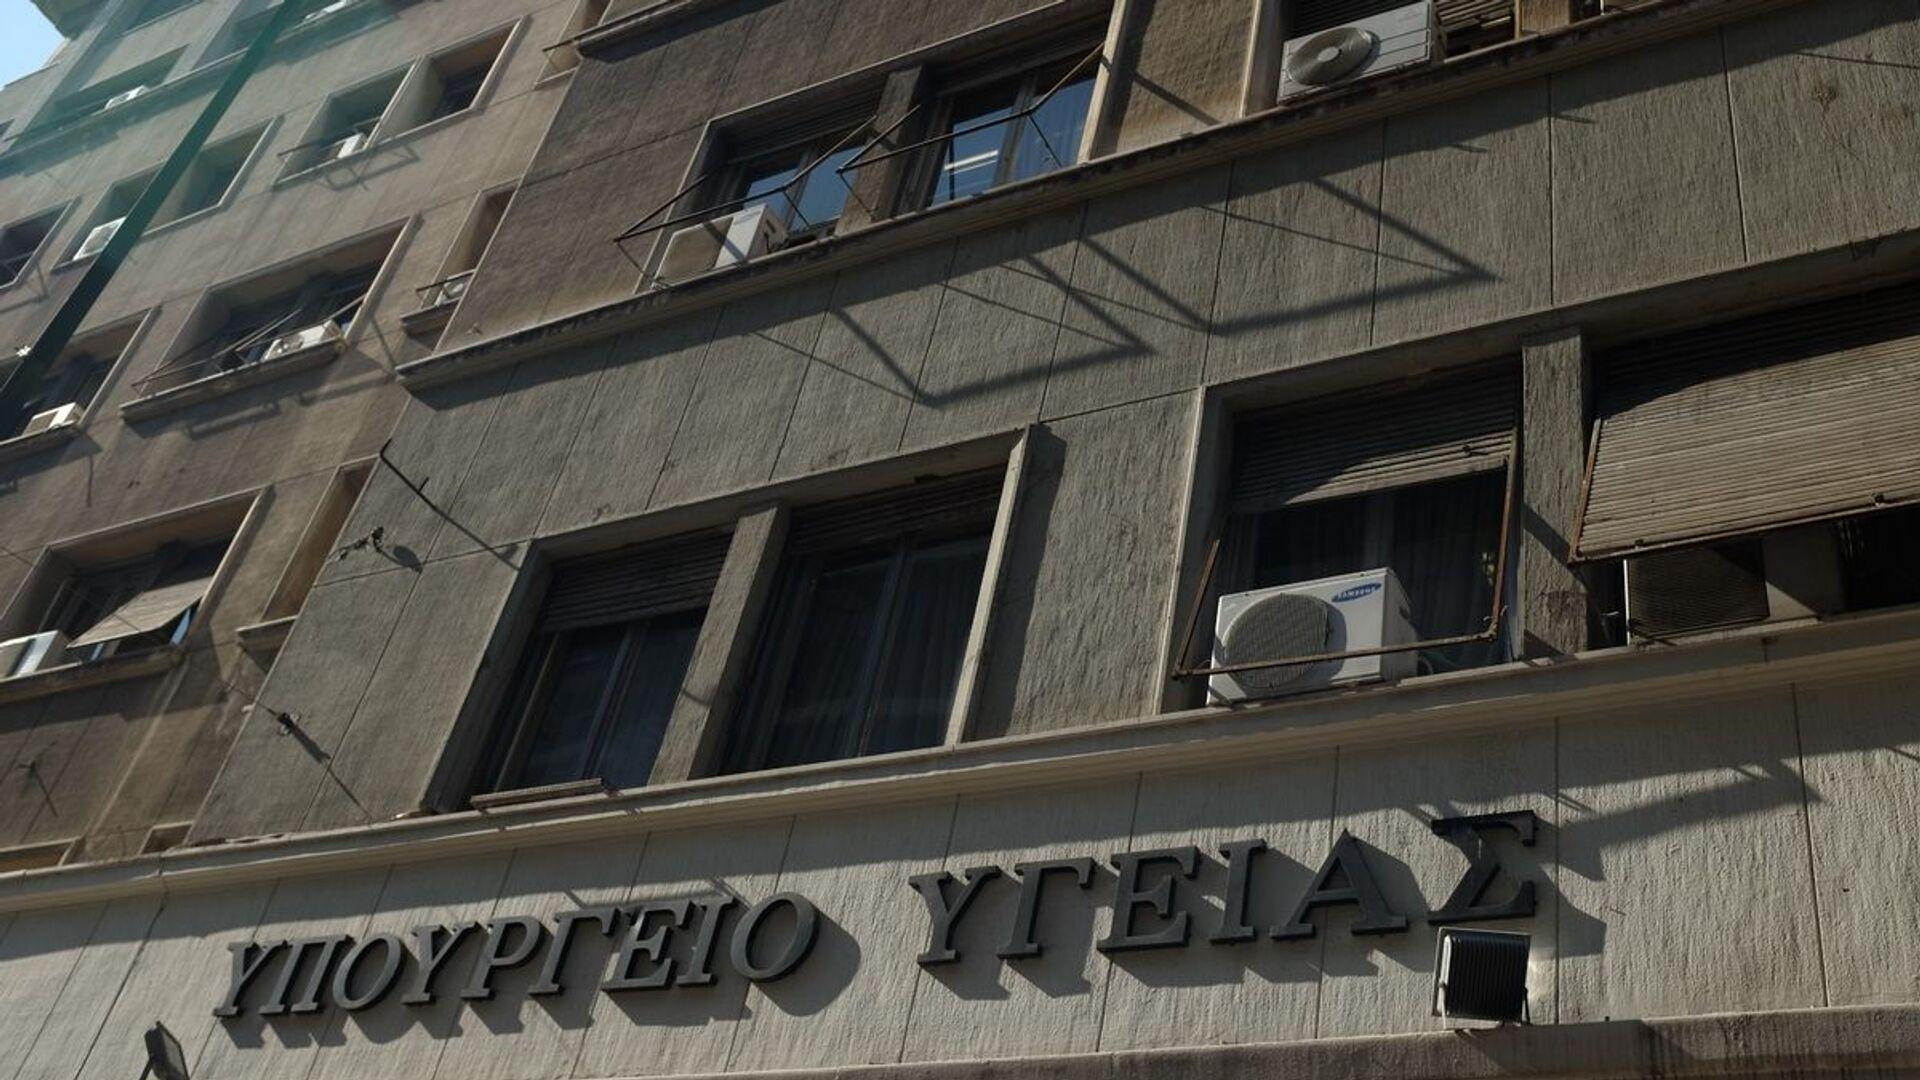 Υπουργείο Υγείας - Sputnik Ελλάδα, 1920, 05.10.2021